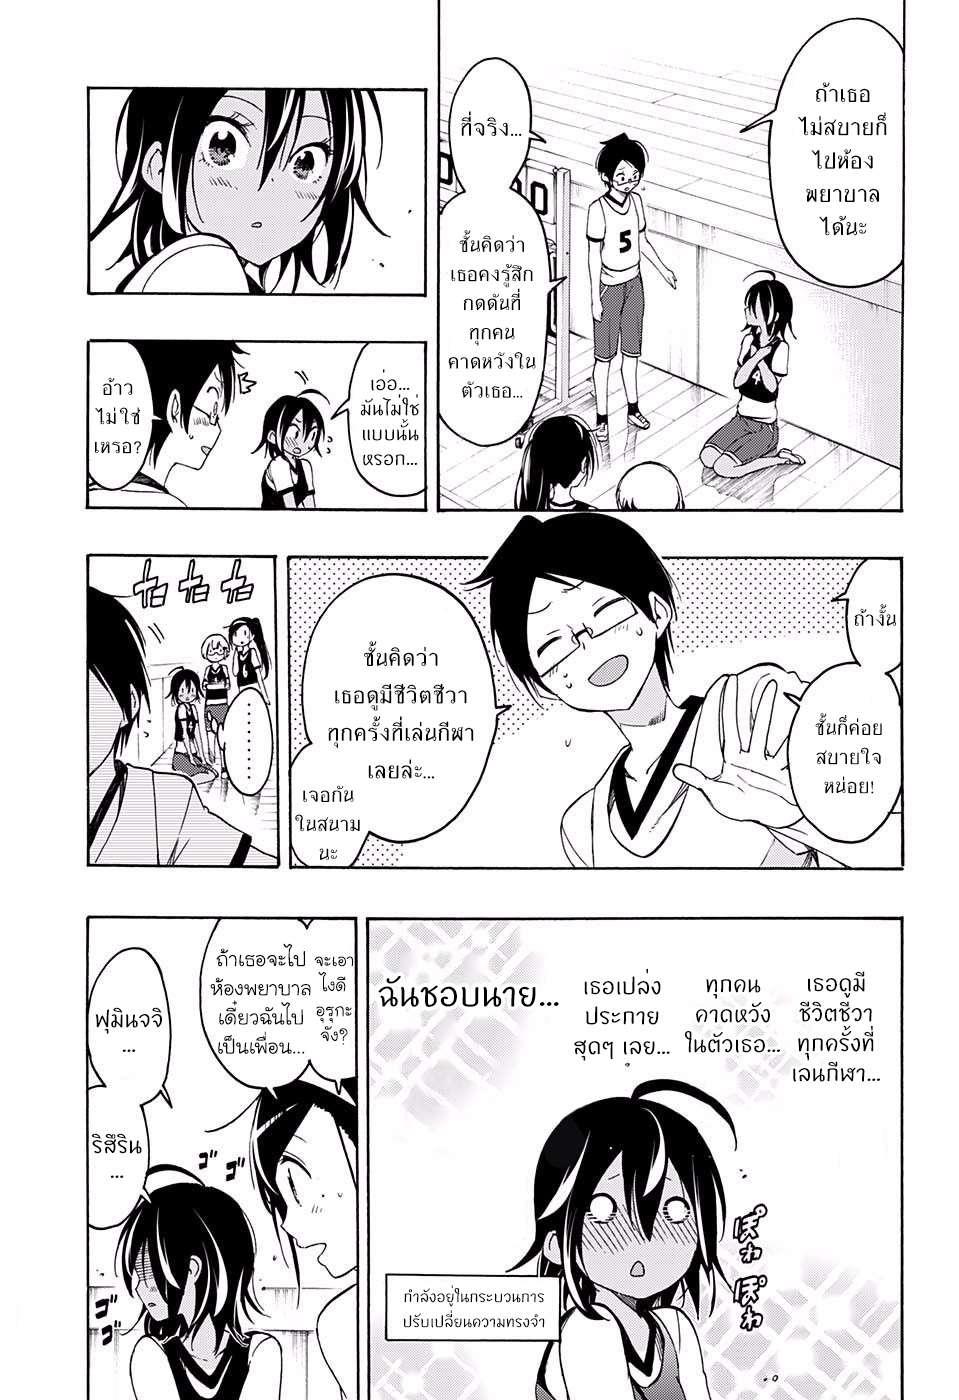 อ่านการ์ตูน Bokutachi wa Benkyou ga Dekinai ตอนที่ 13 หน้าที่ 13